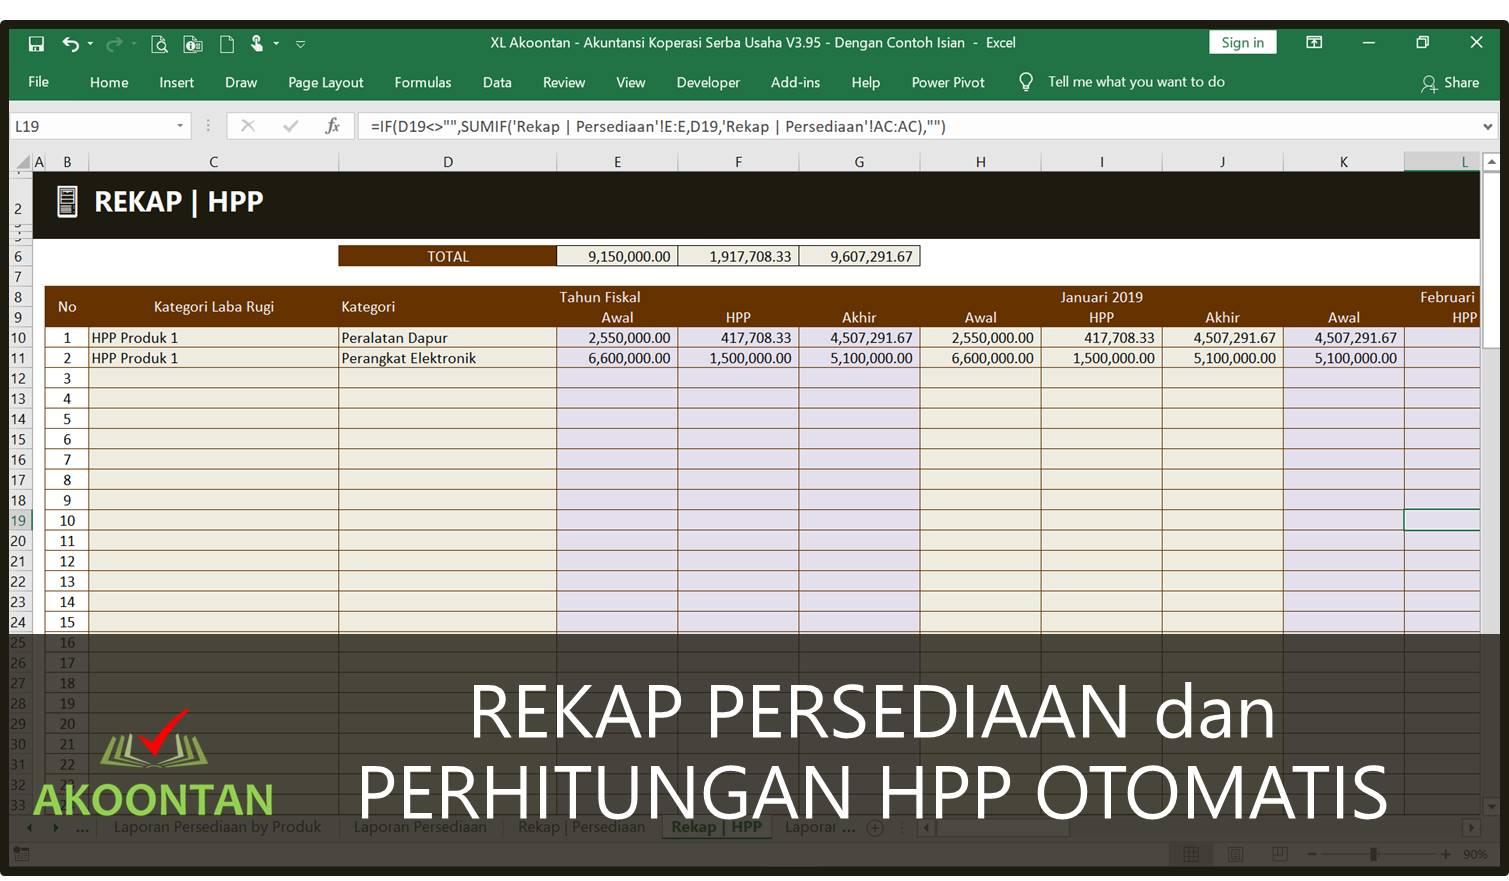 Koperasi Konsumsi - Perhitungan HPP Otomatis